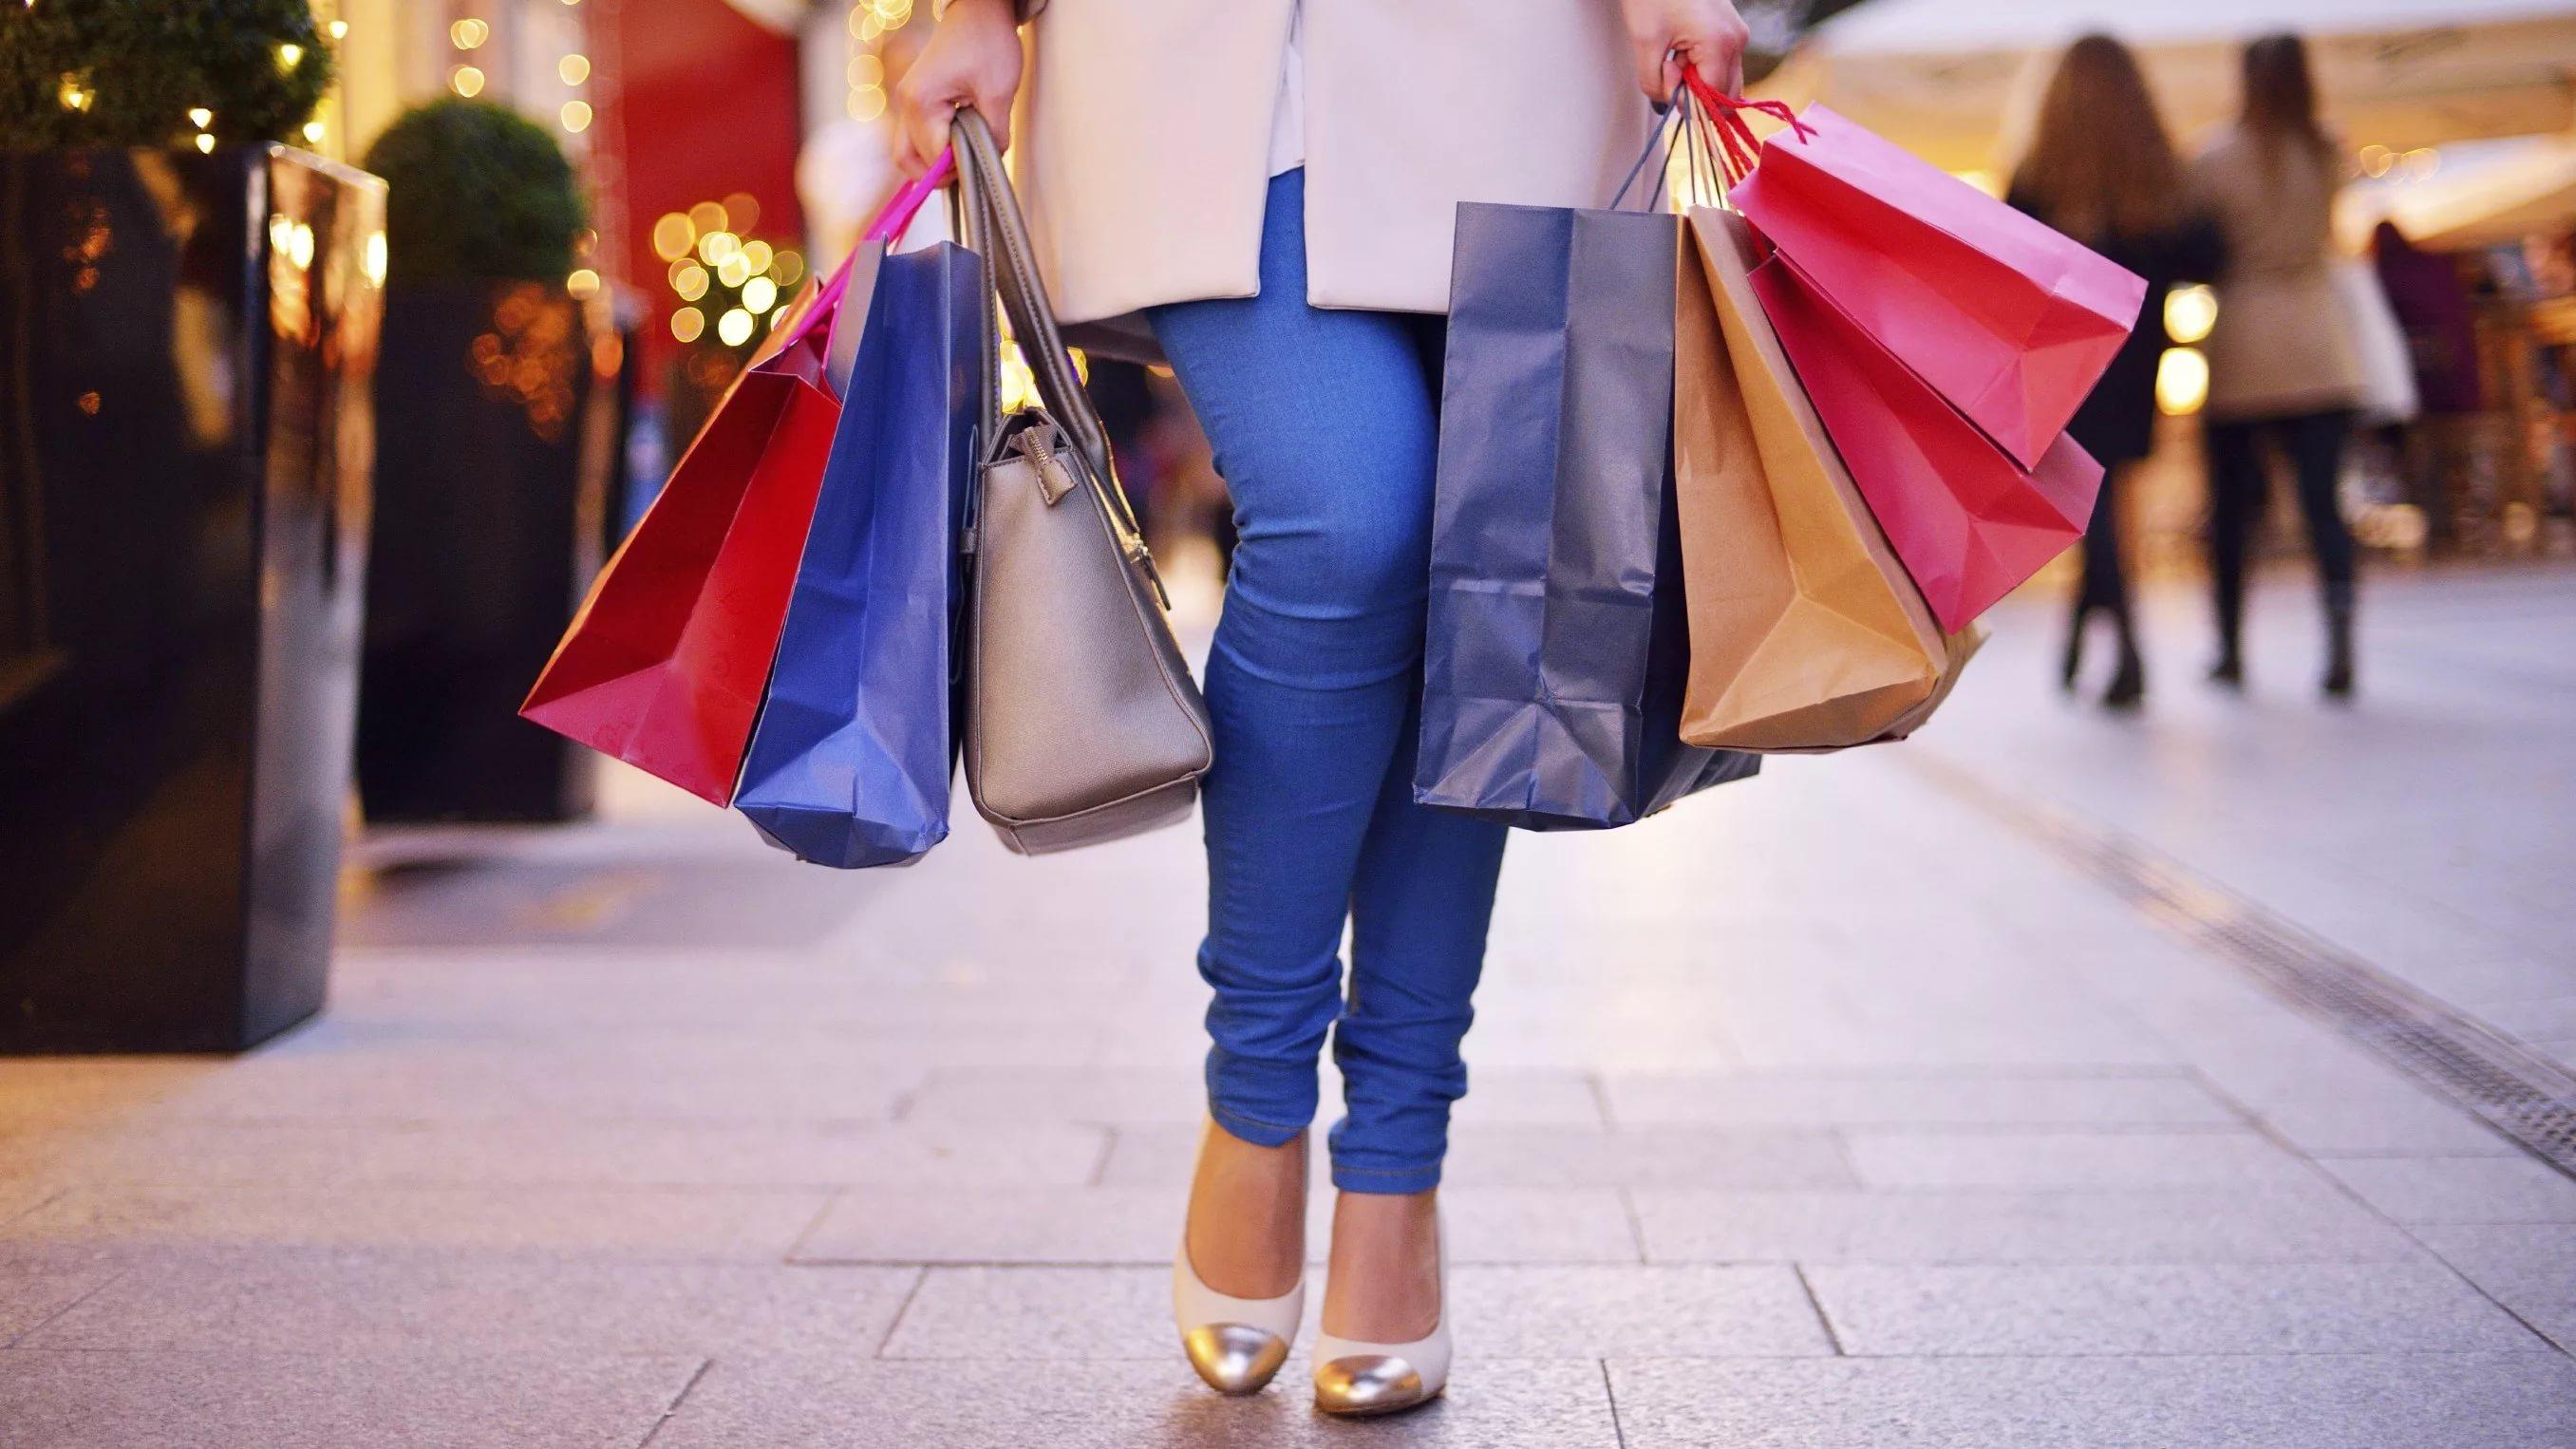 Спешим за покупками… Под землю?